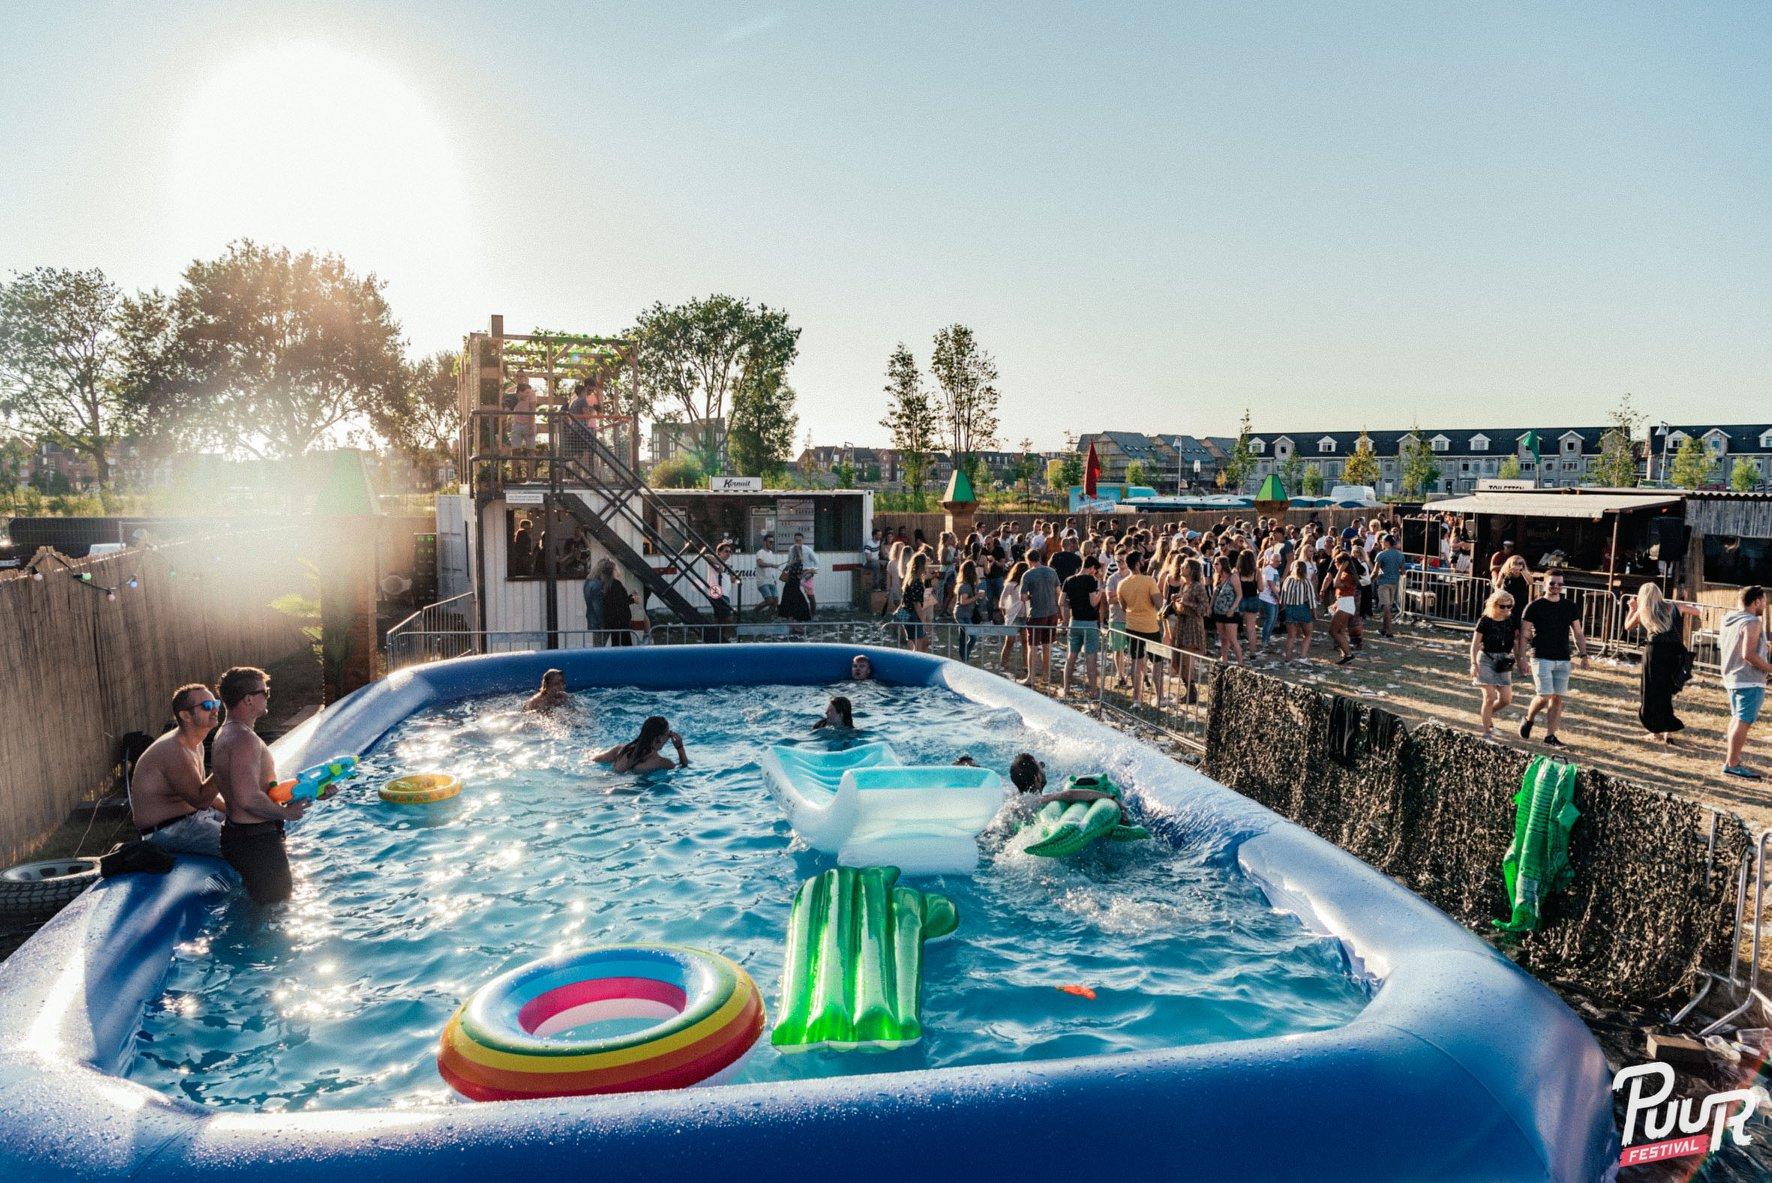 kleine bad puur festival 2.jpg